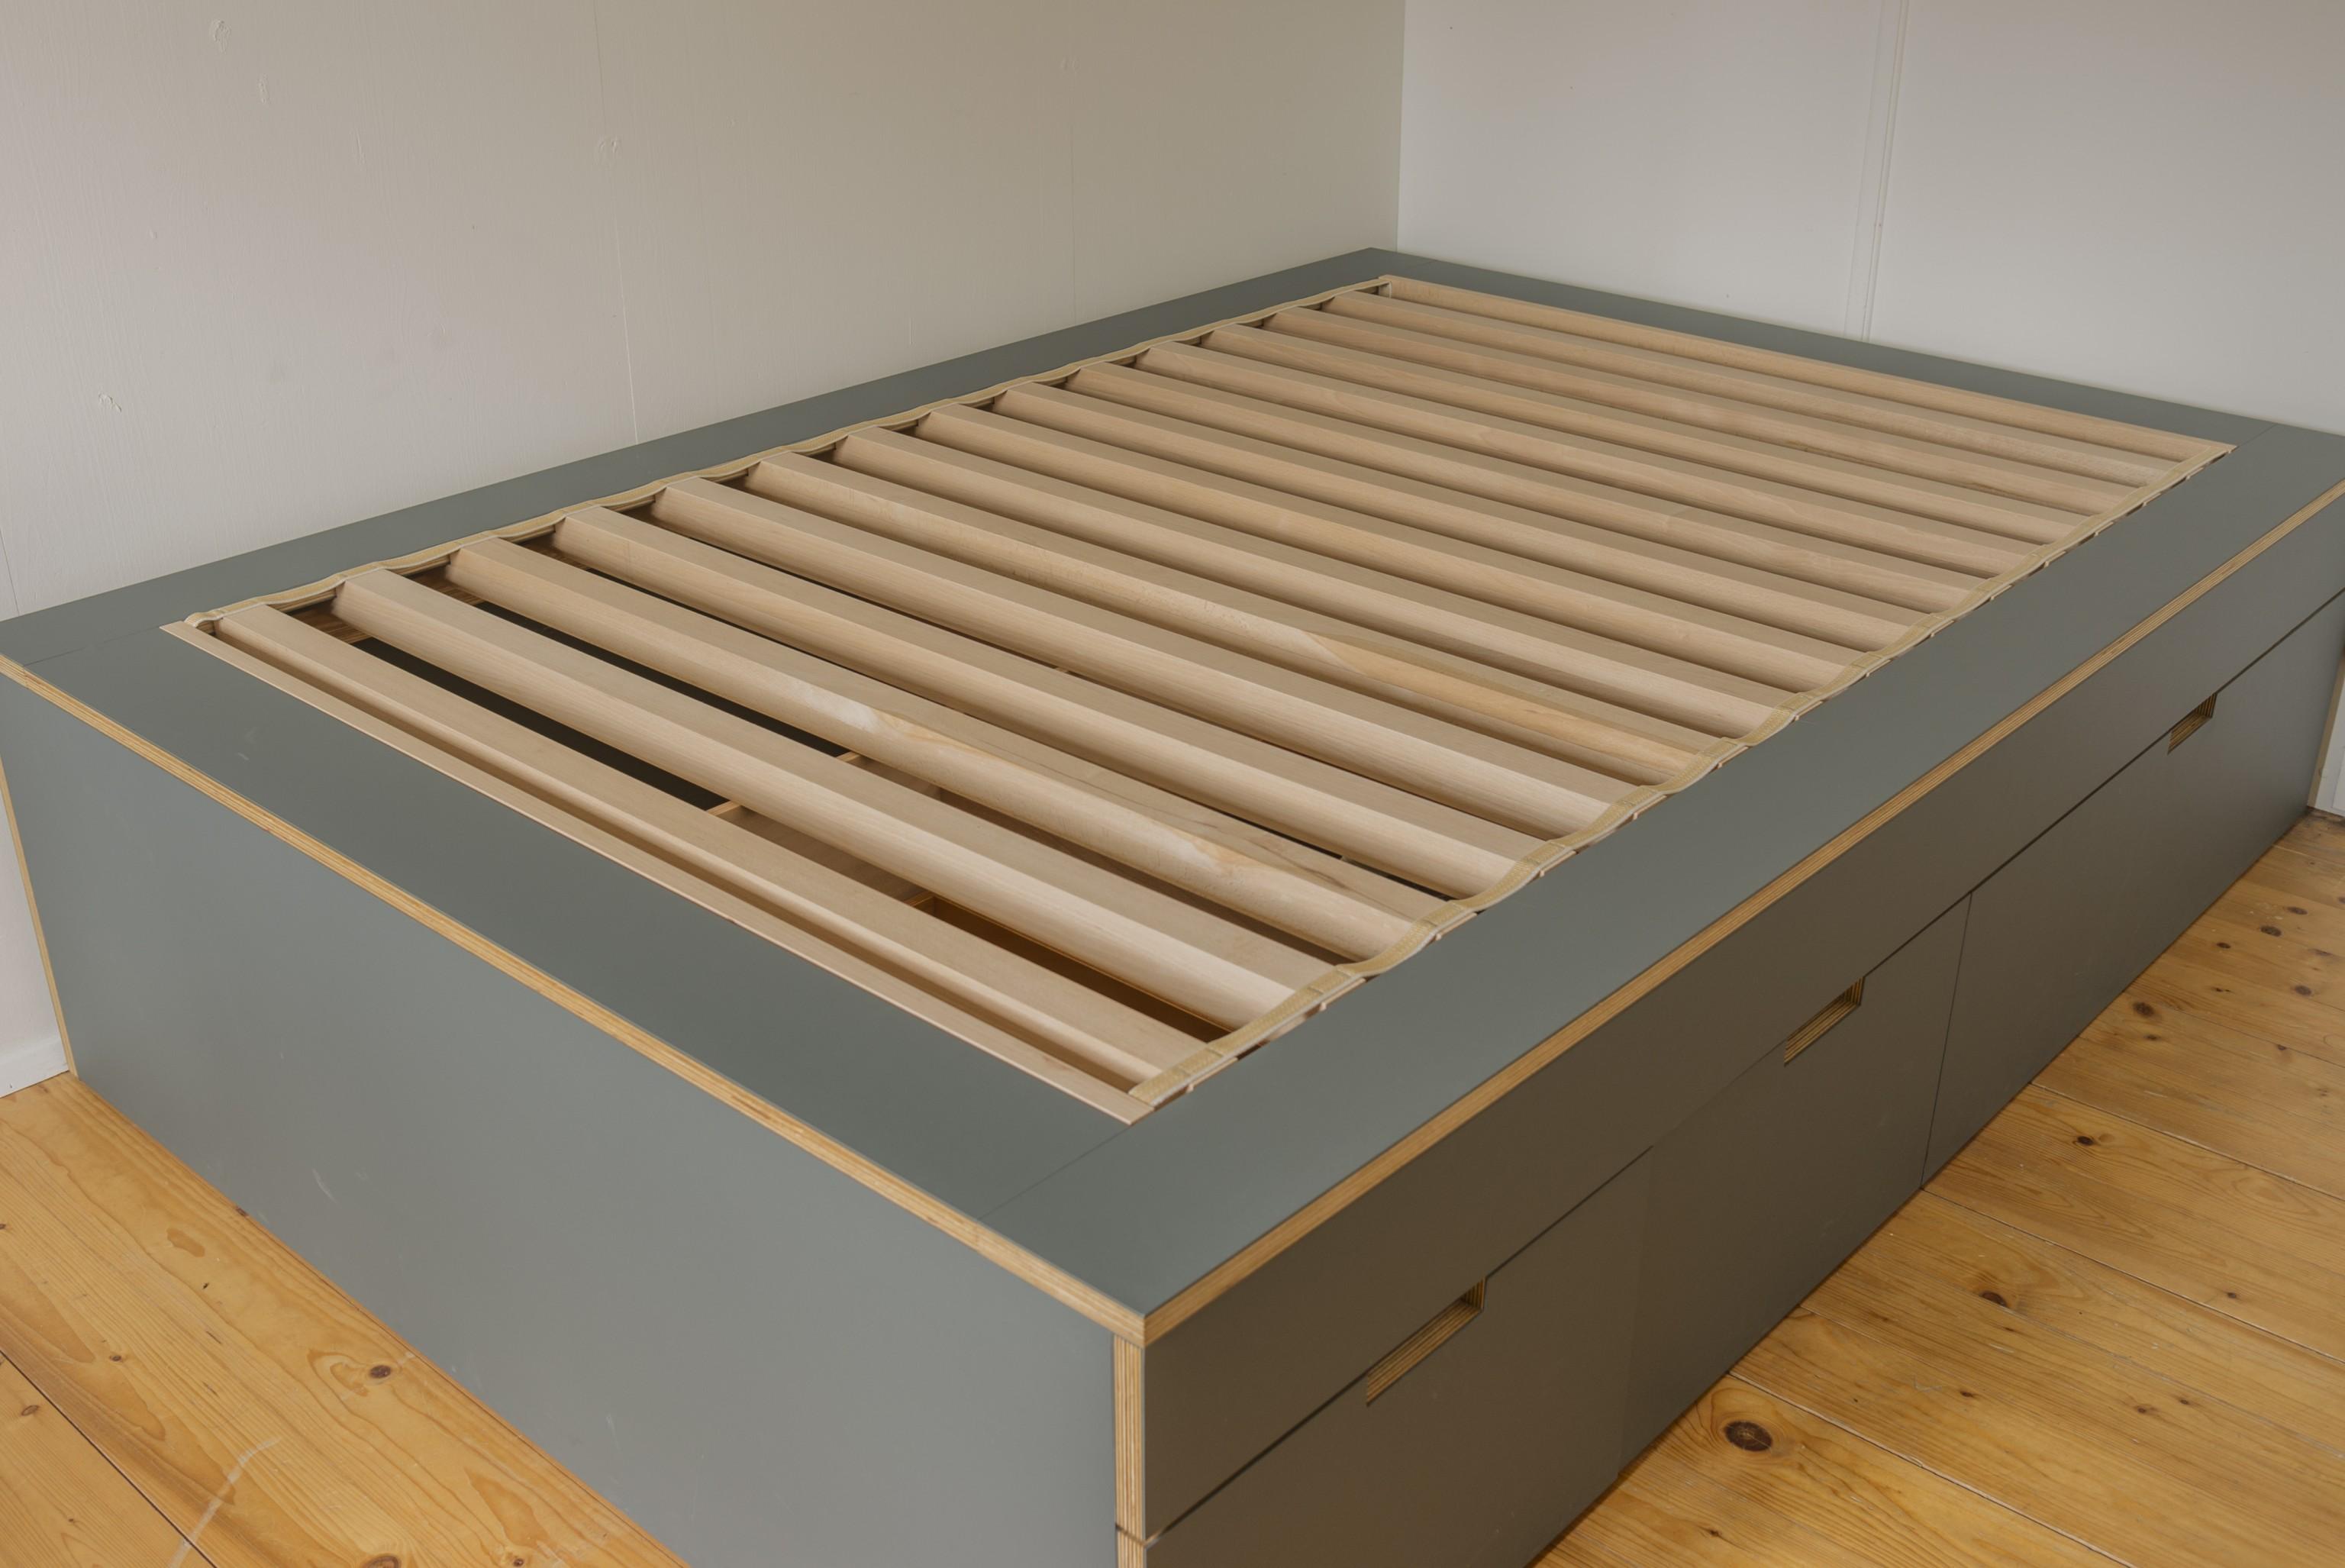 kastenbett mit schublade aus linoleum belegtem sperrholz